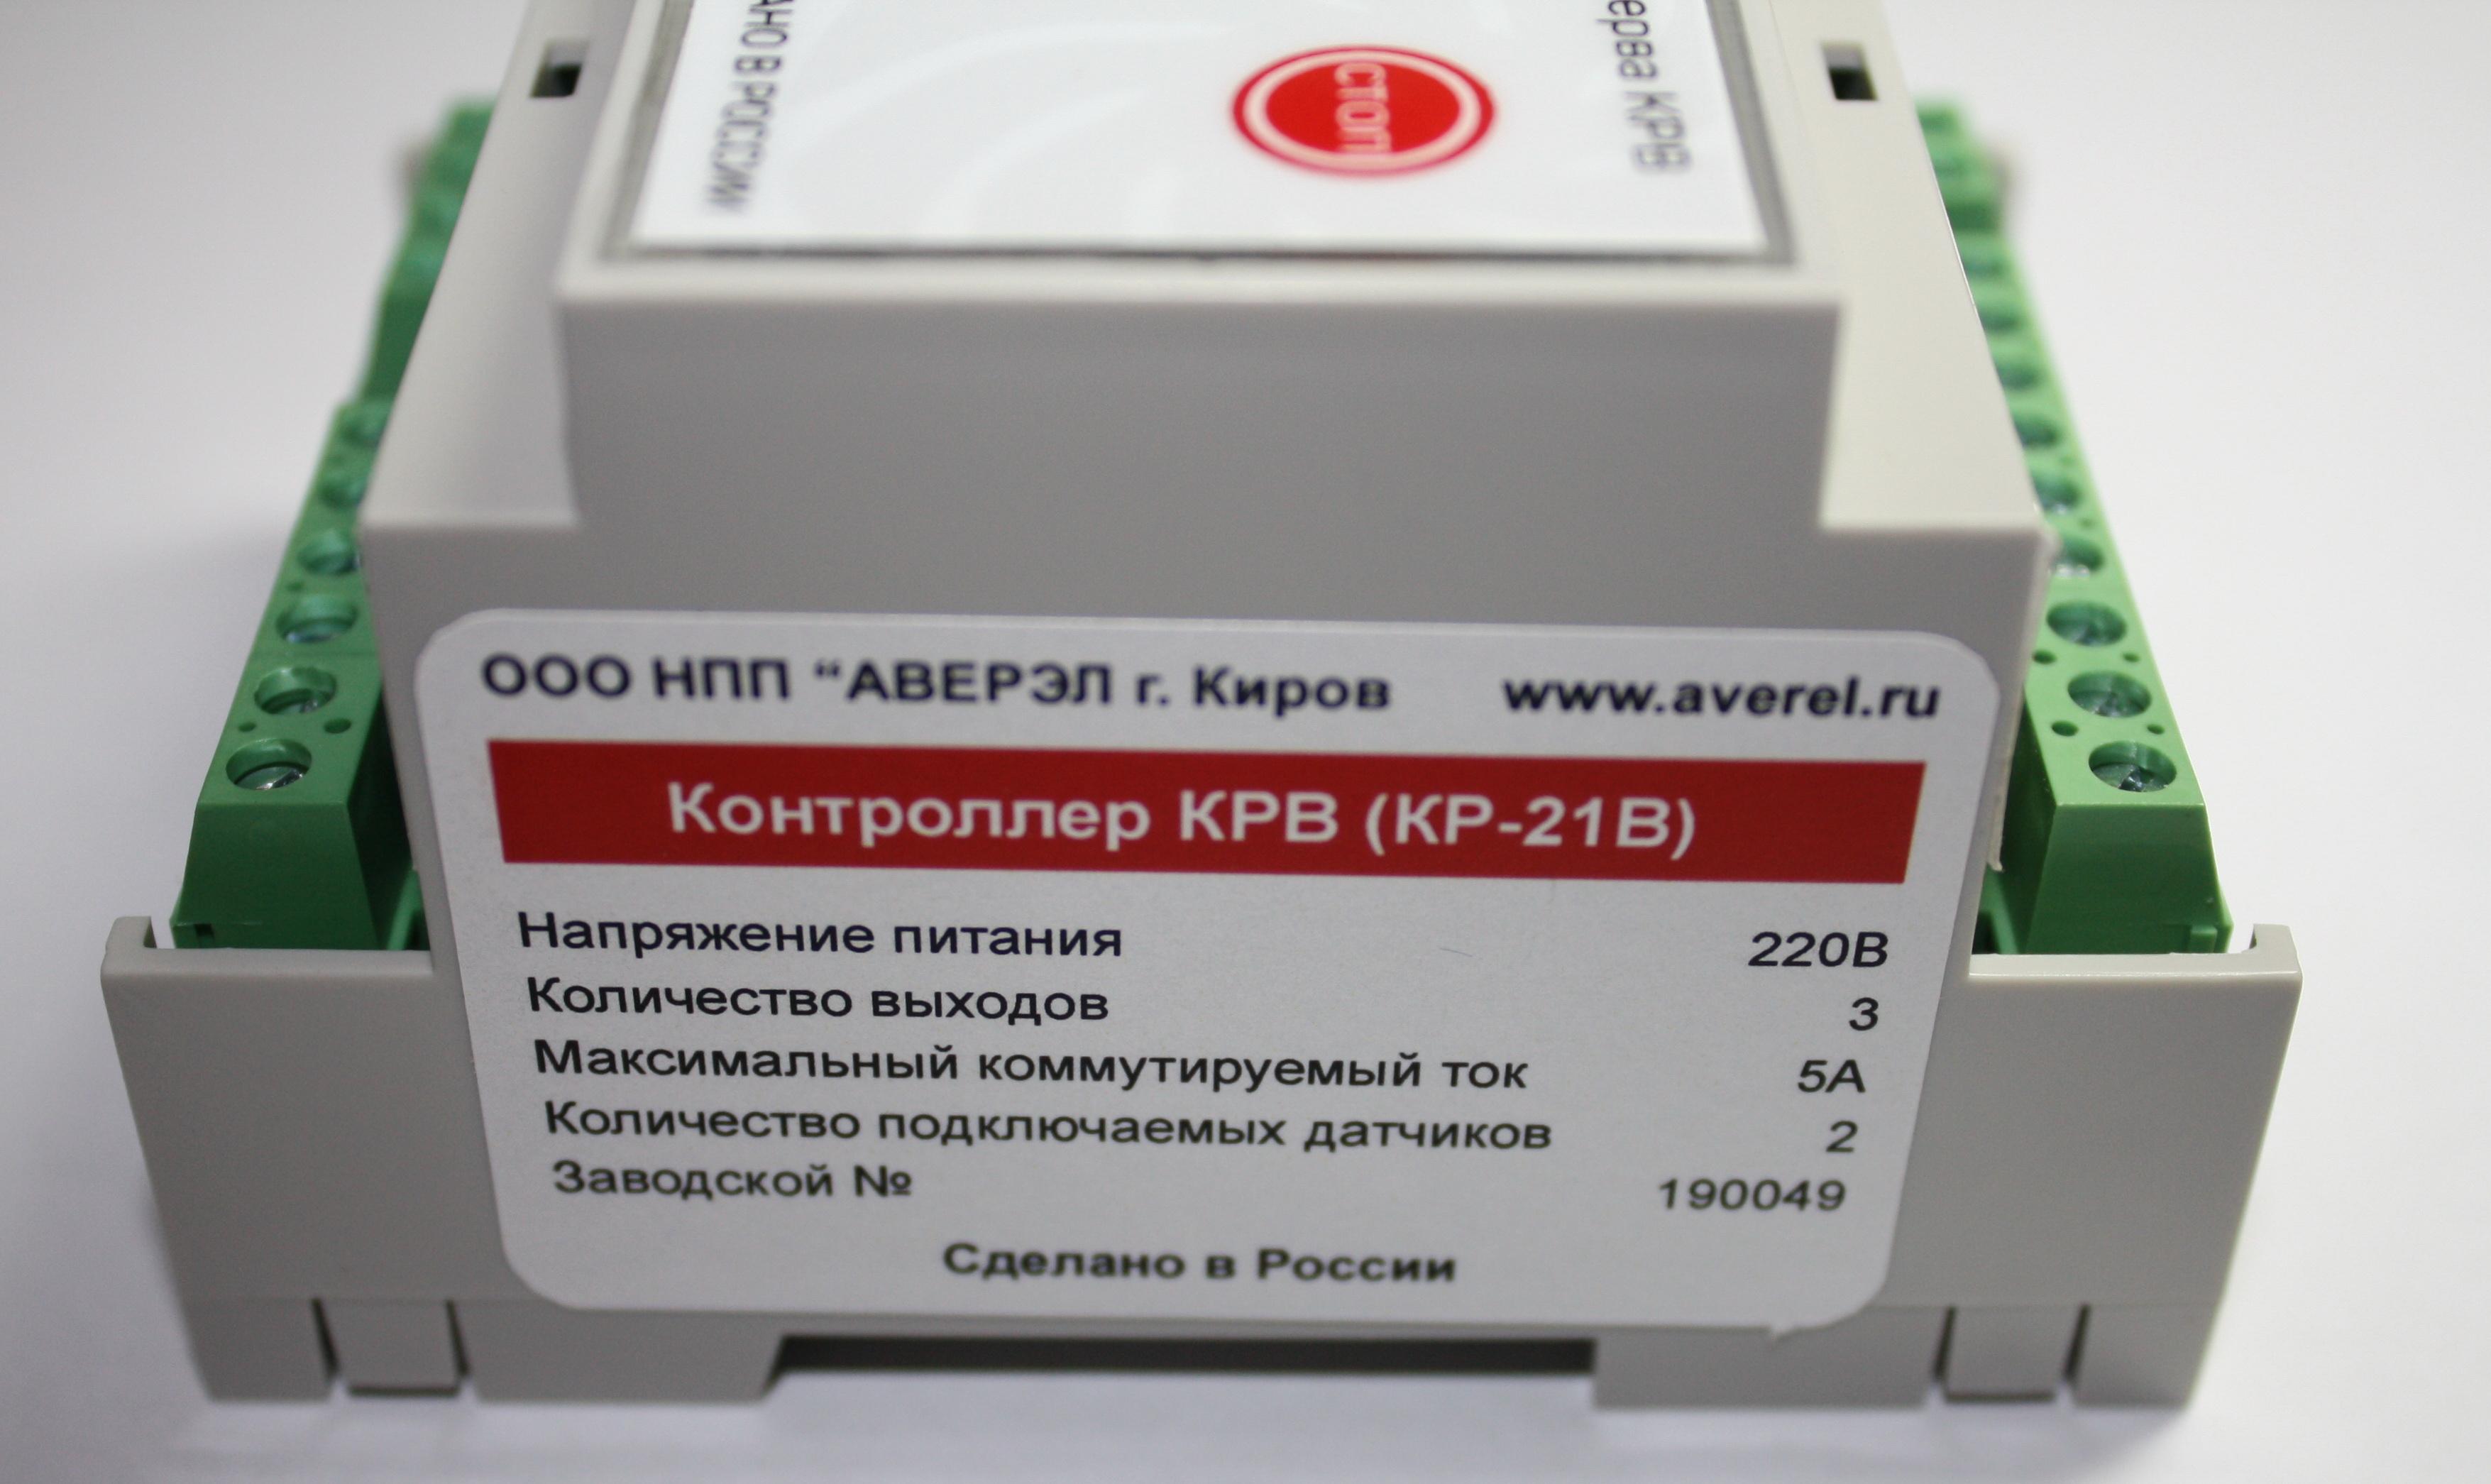 Контроллер крв (кр21в)